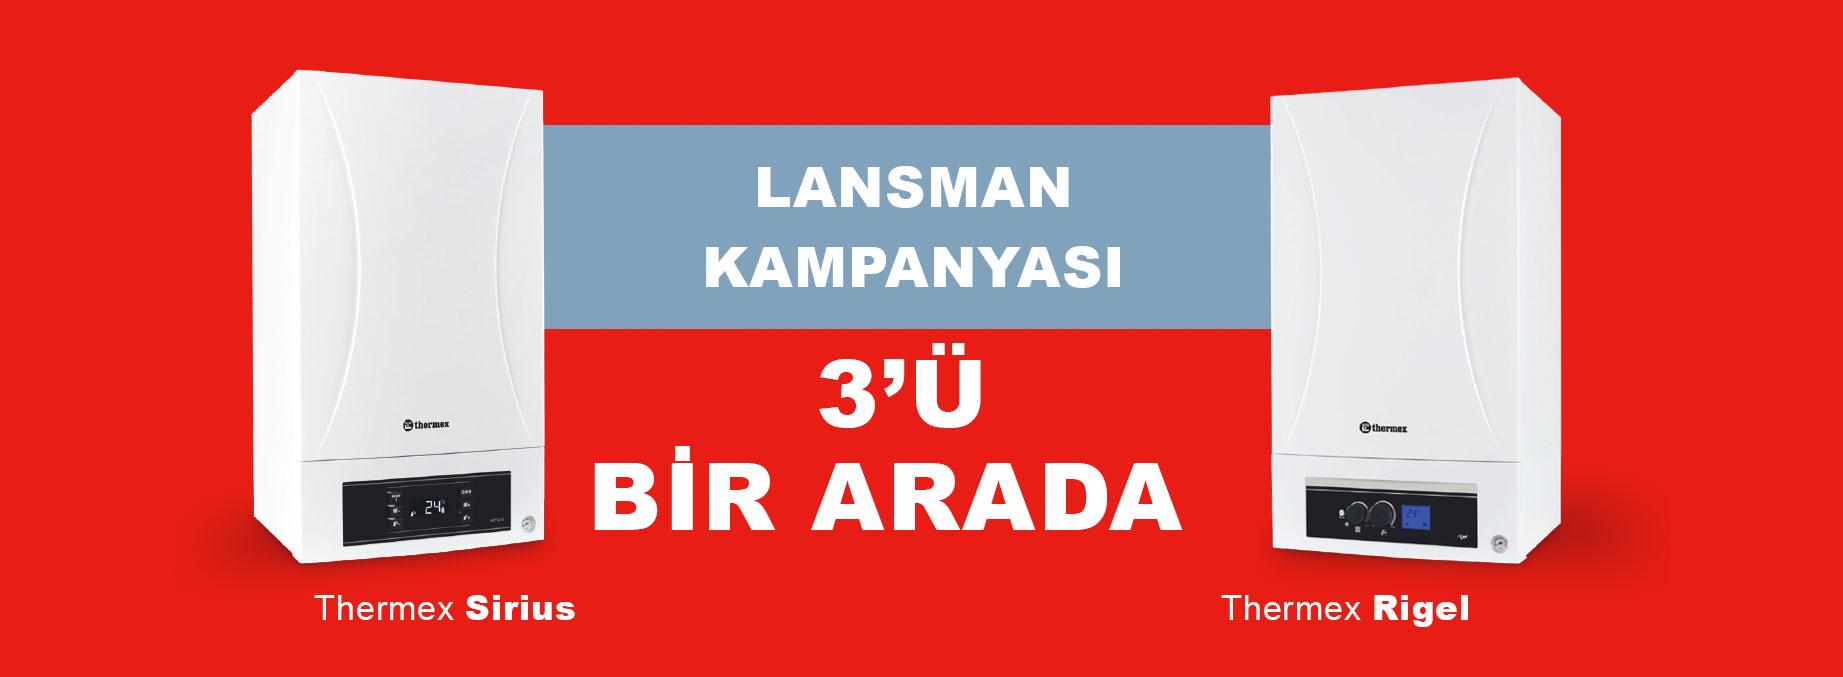 lansman-kampanyasi-ana-banner